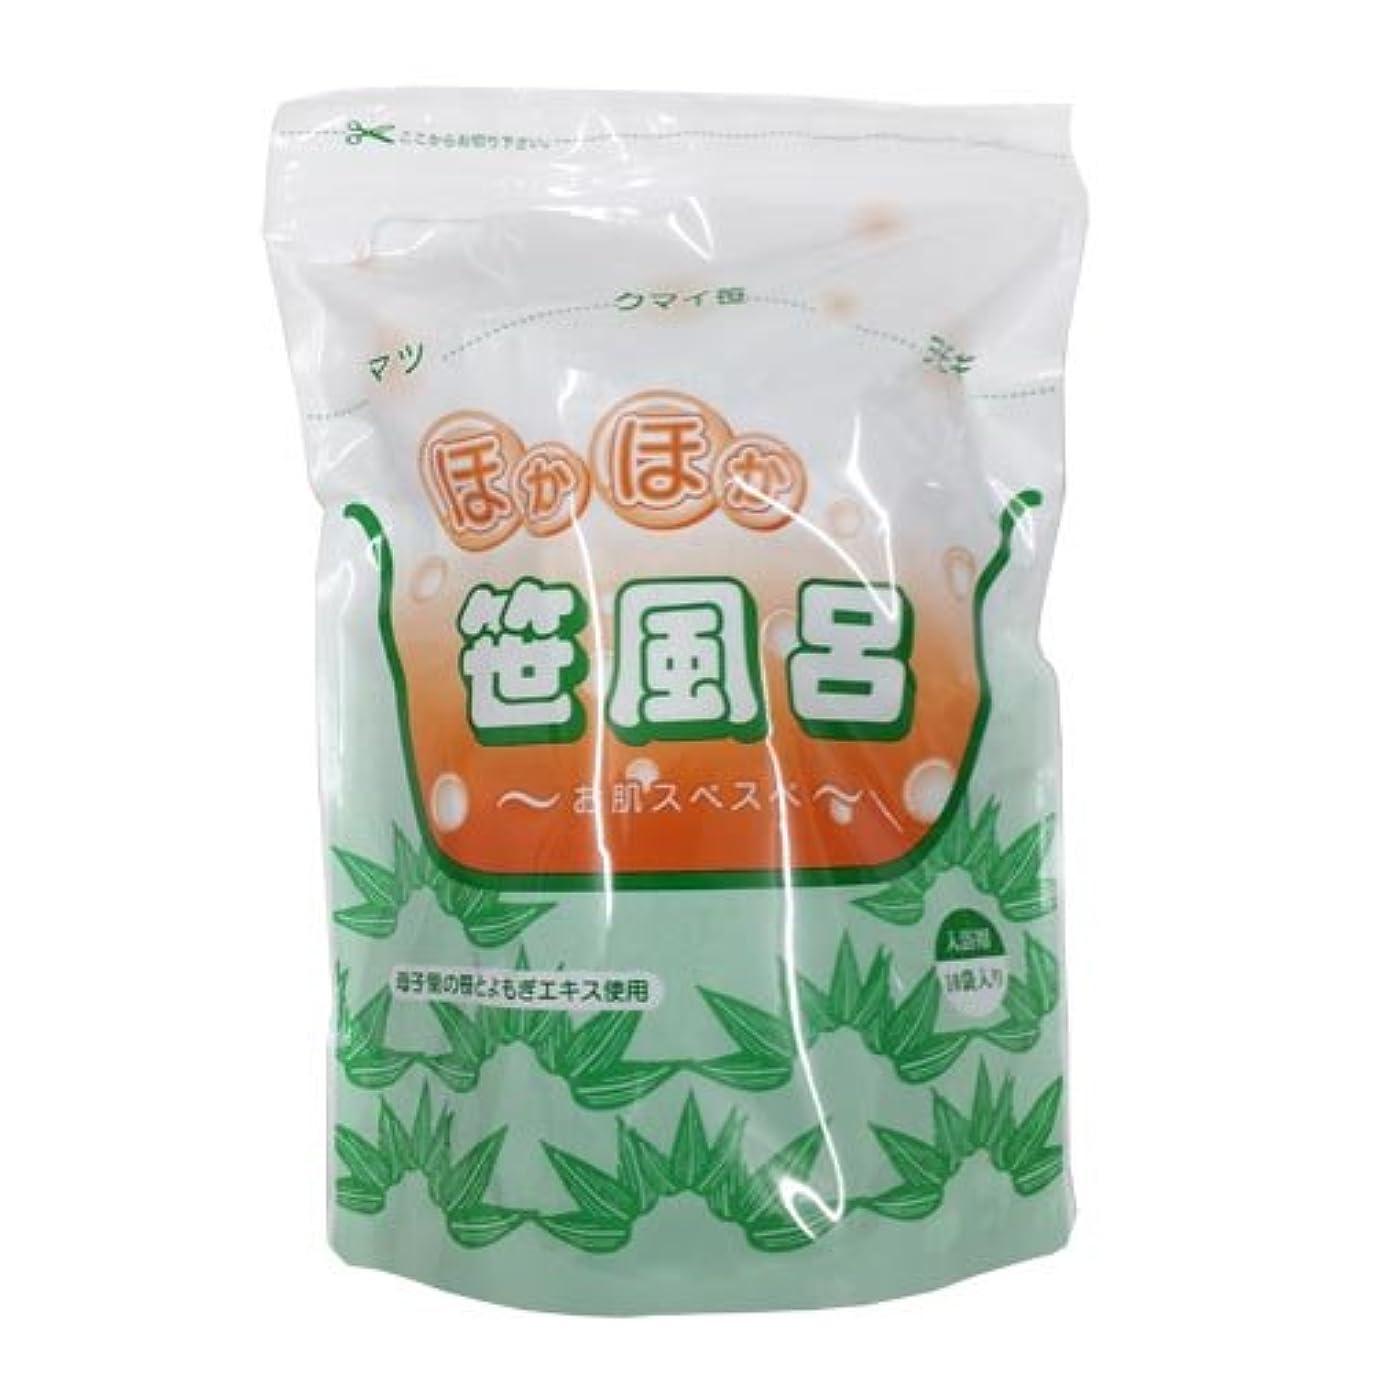 キャリア肖像画案件ほかほか笹風呂 20g×10袋